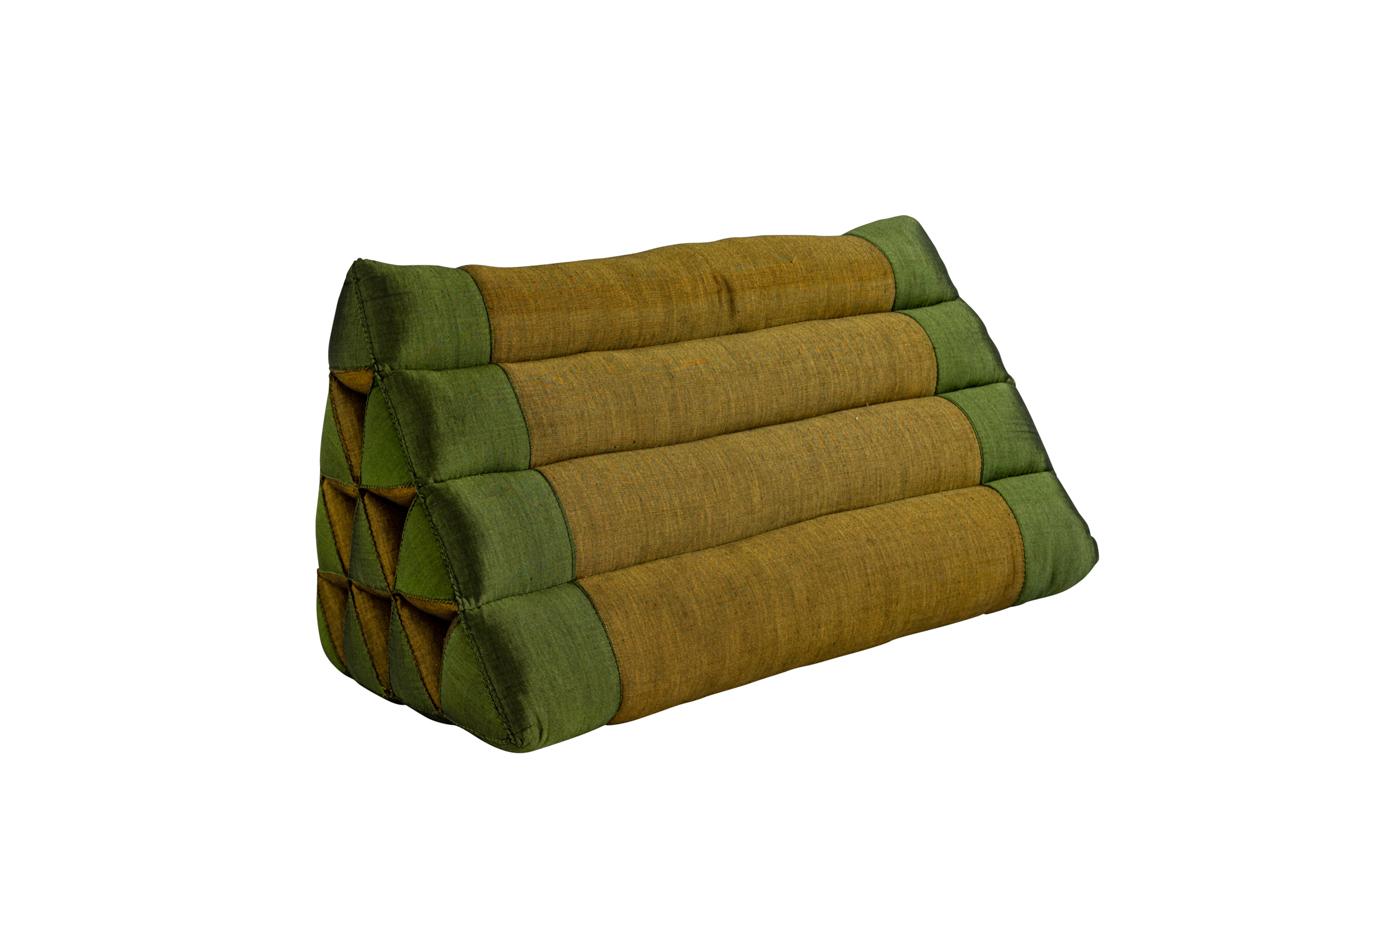 Green triangular Thai cushion